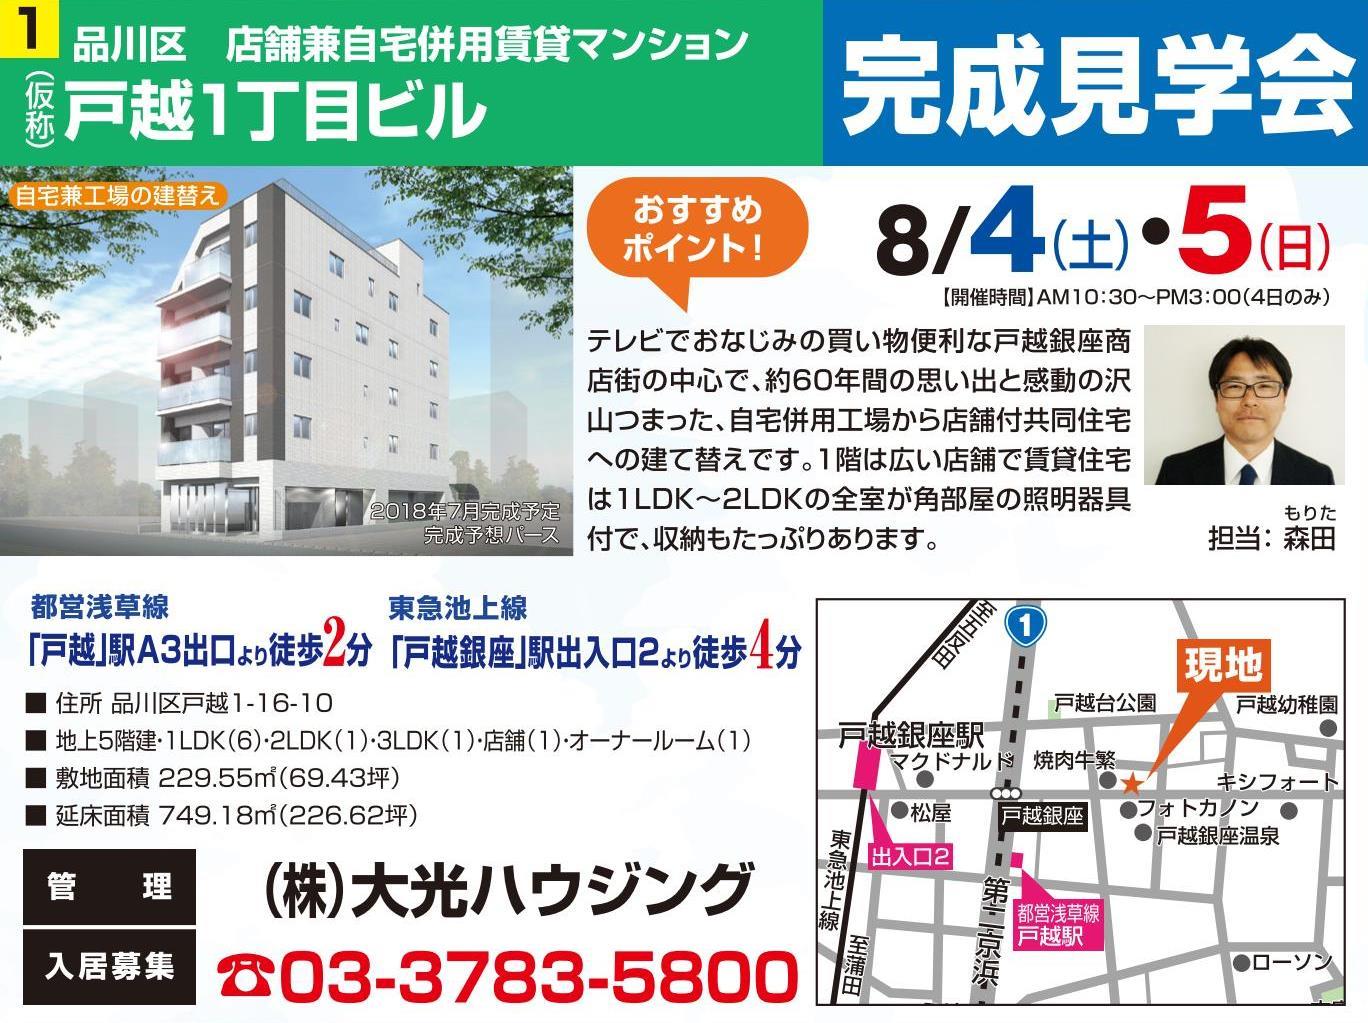 8月見学会(5会場)_01.jpg